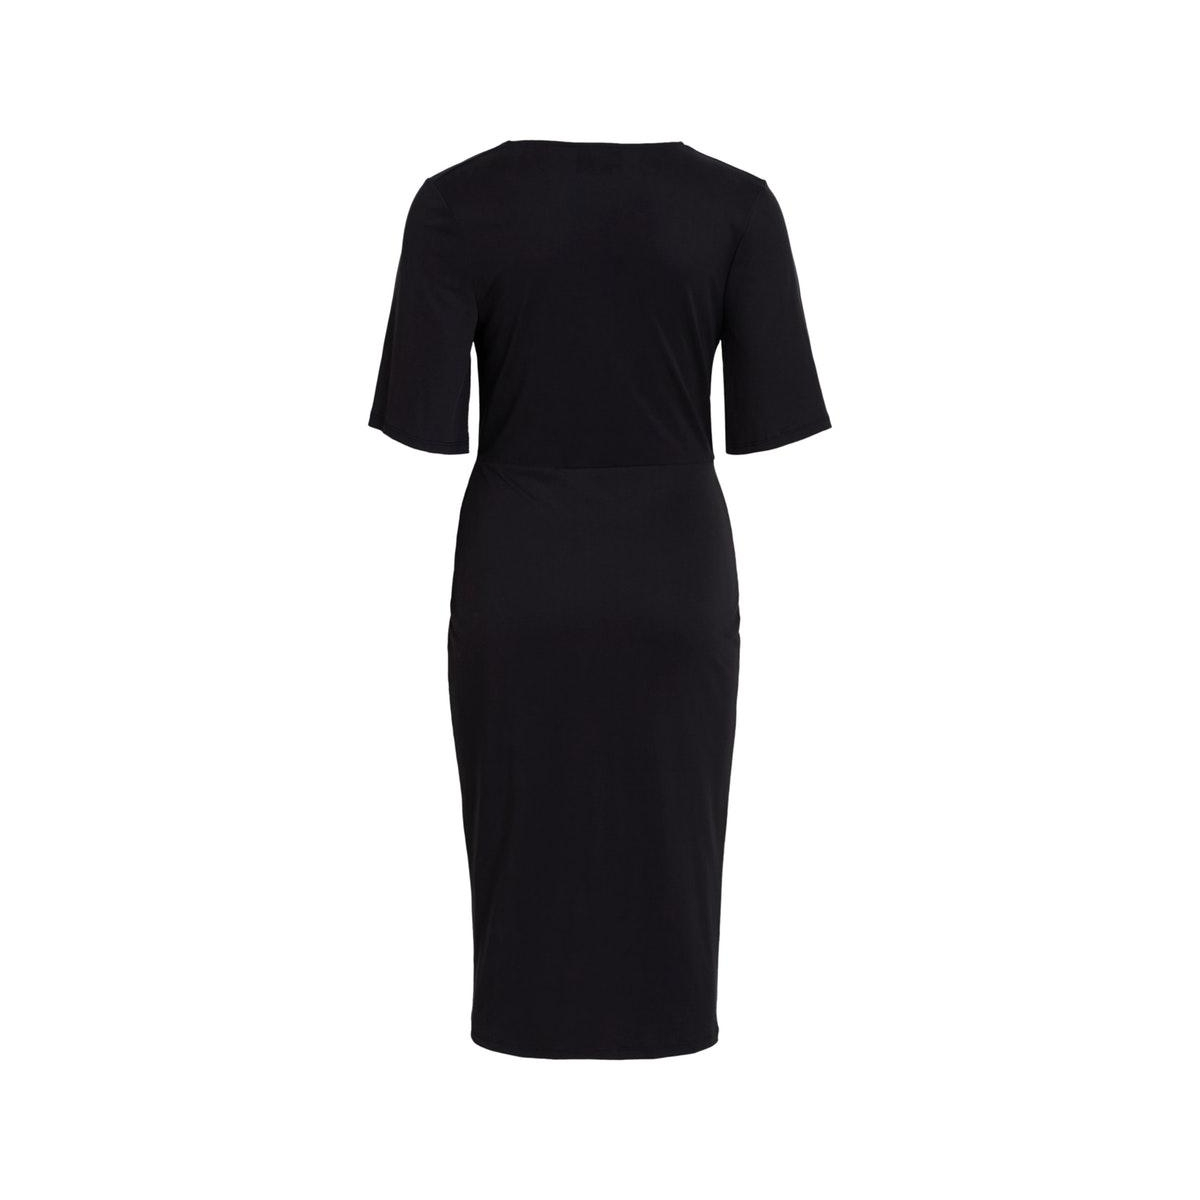 objnadine dress a q 23033357 object jurk black